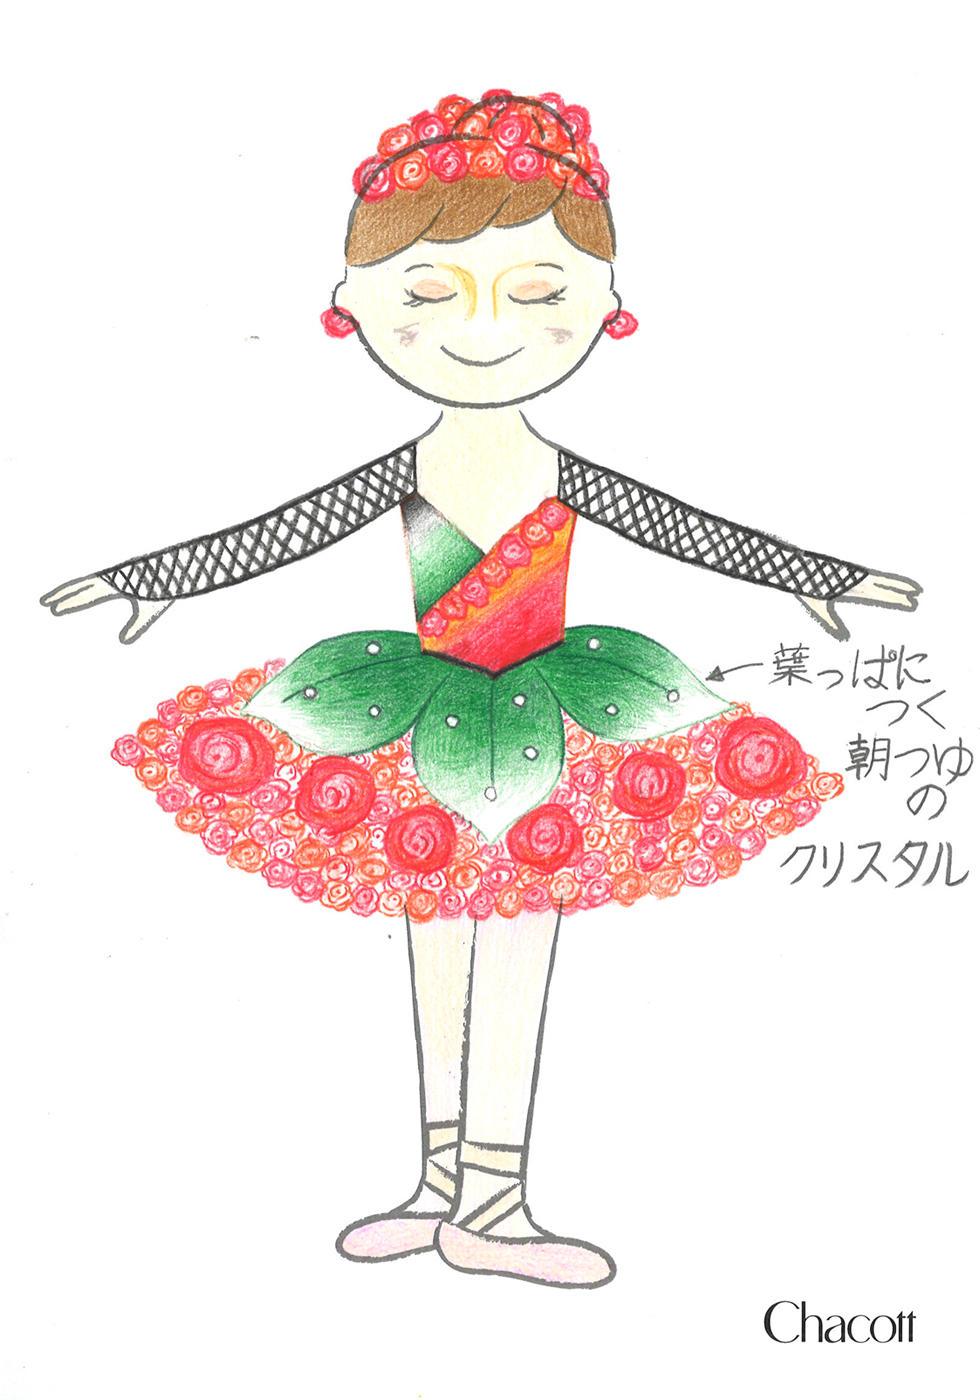 nishinomiya_costume_design_2020_025.jpg